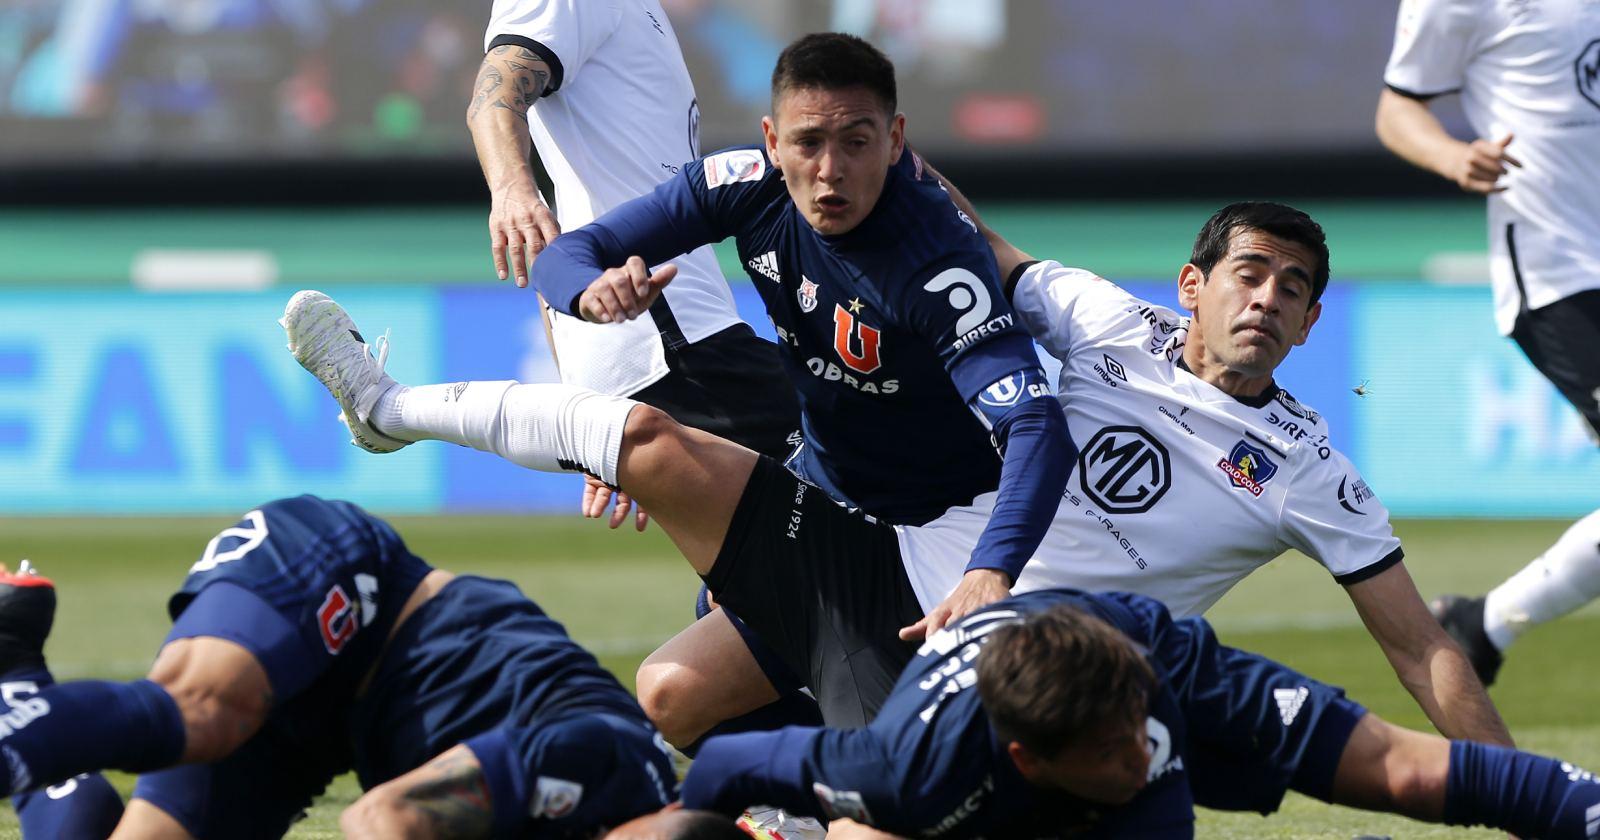 Superclásico con gusto a poco: U. de Chile y Colo Colo empatan en el Estadio Nacional